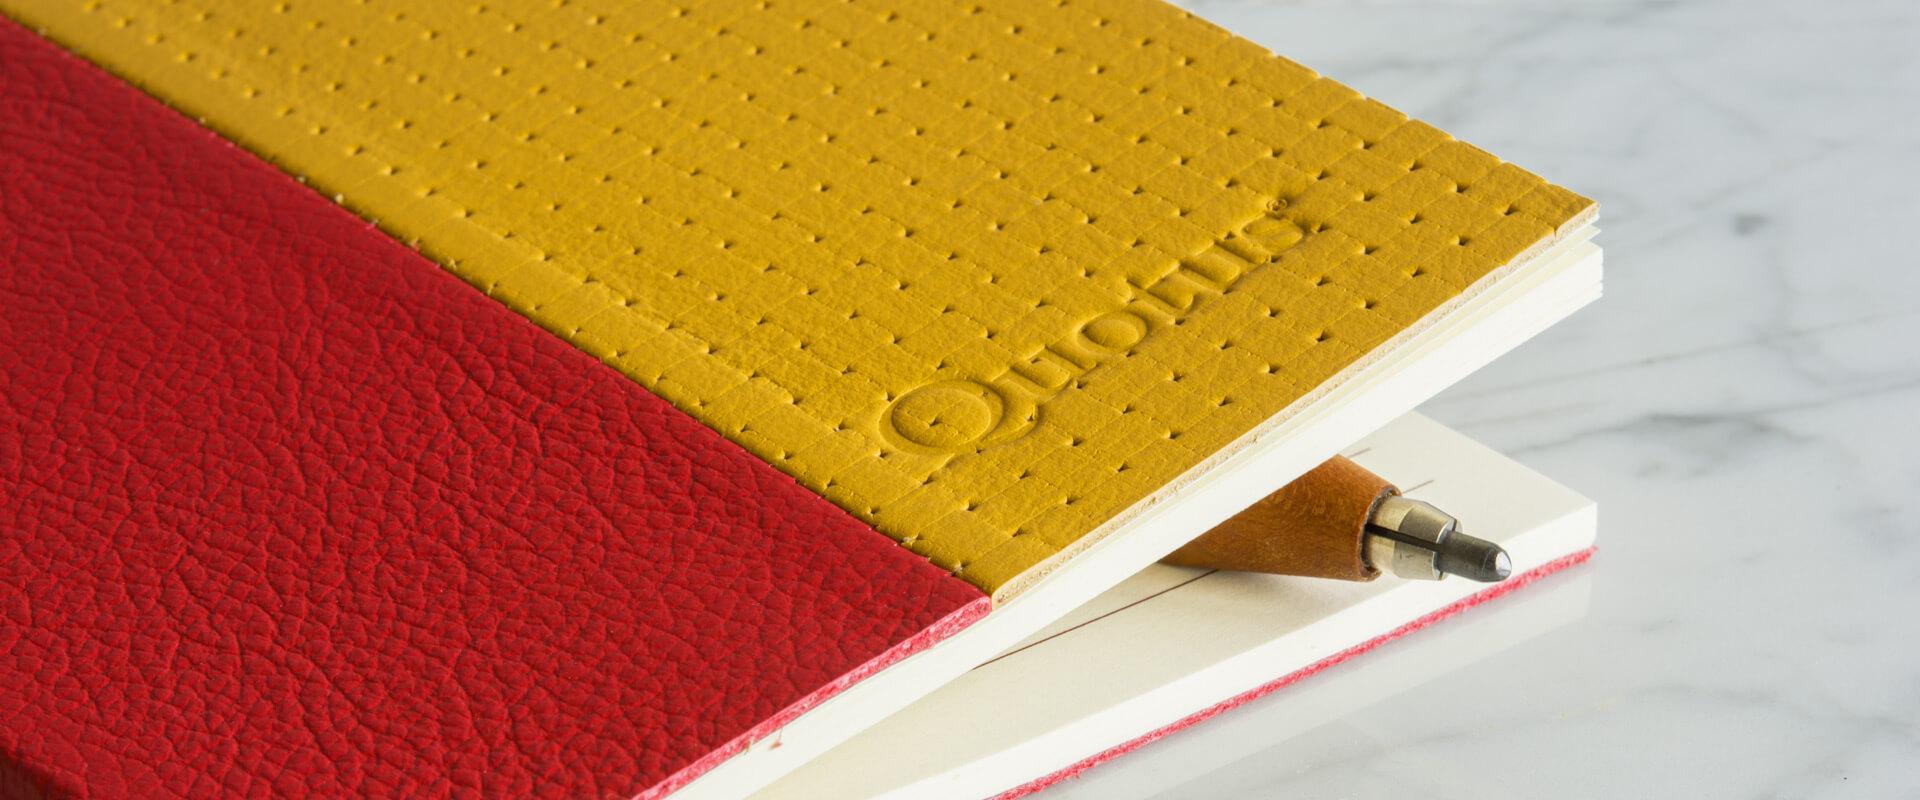 diario-tascabile a righe